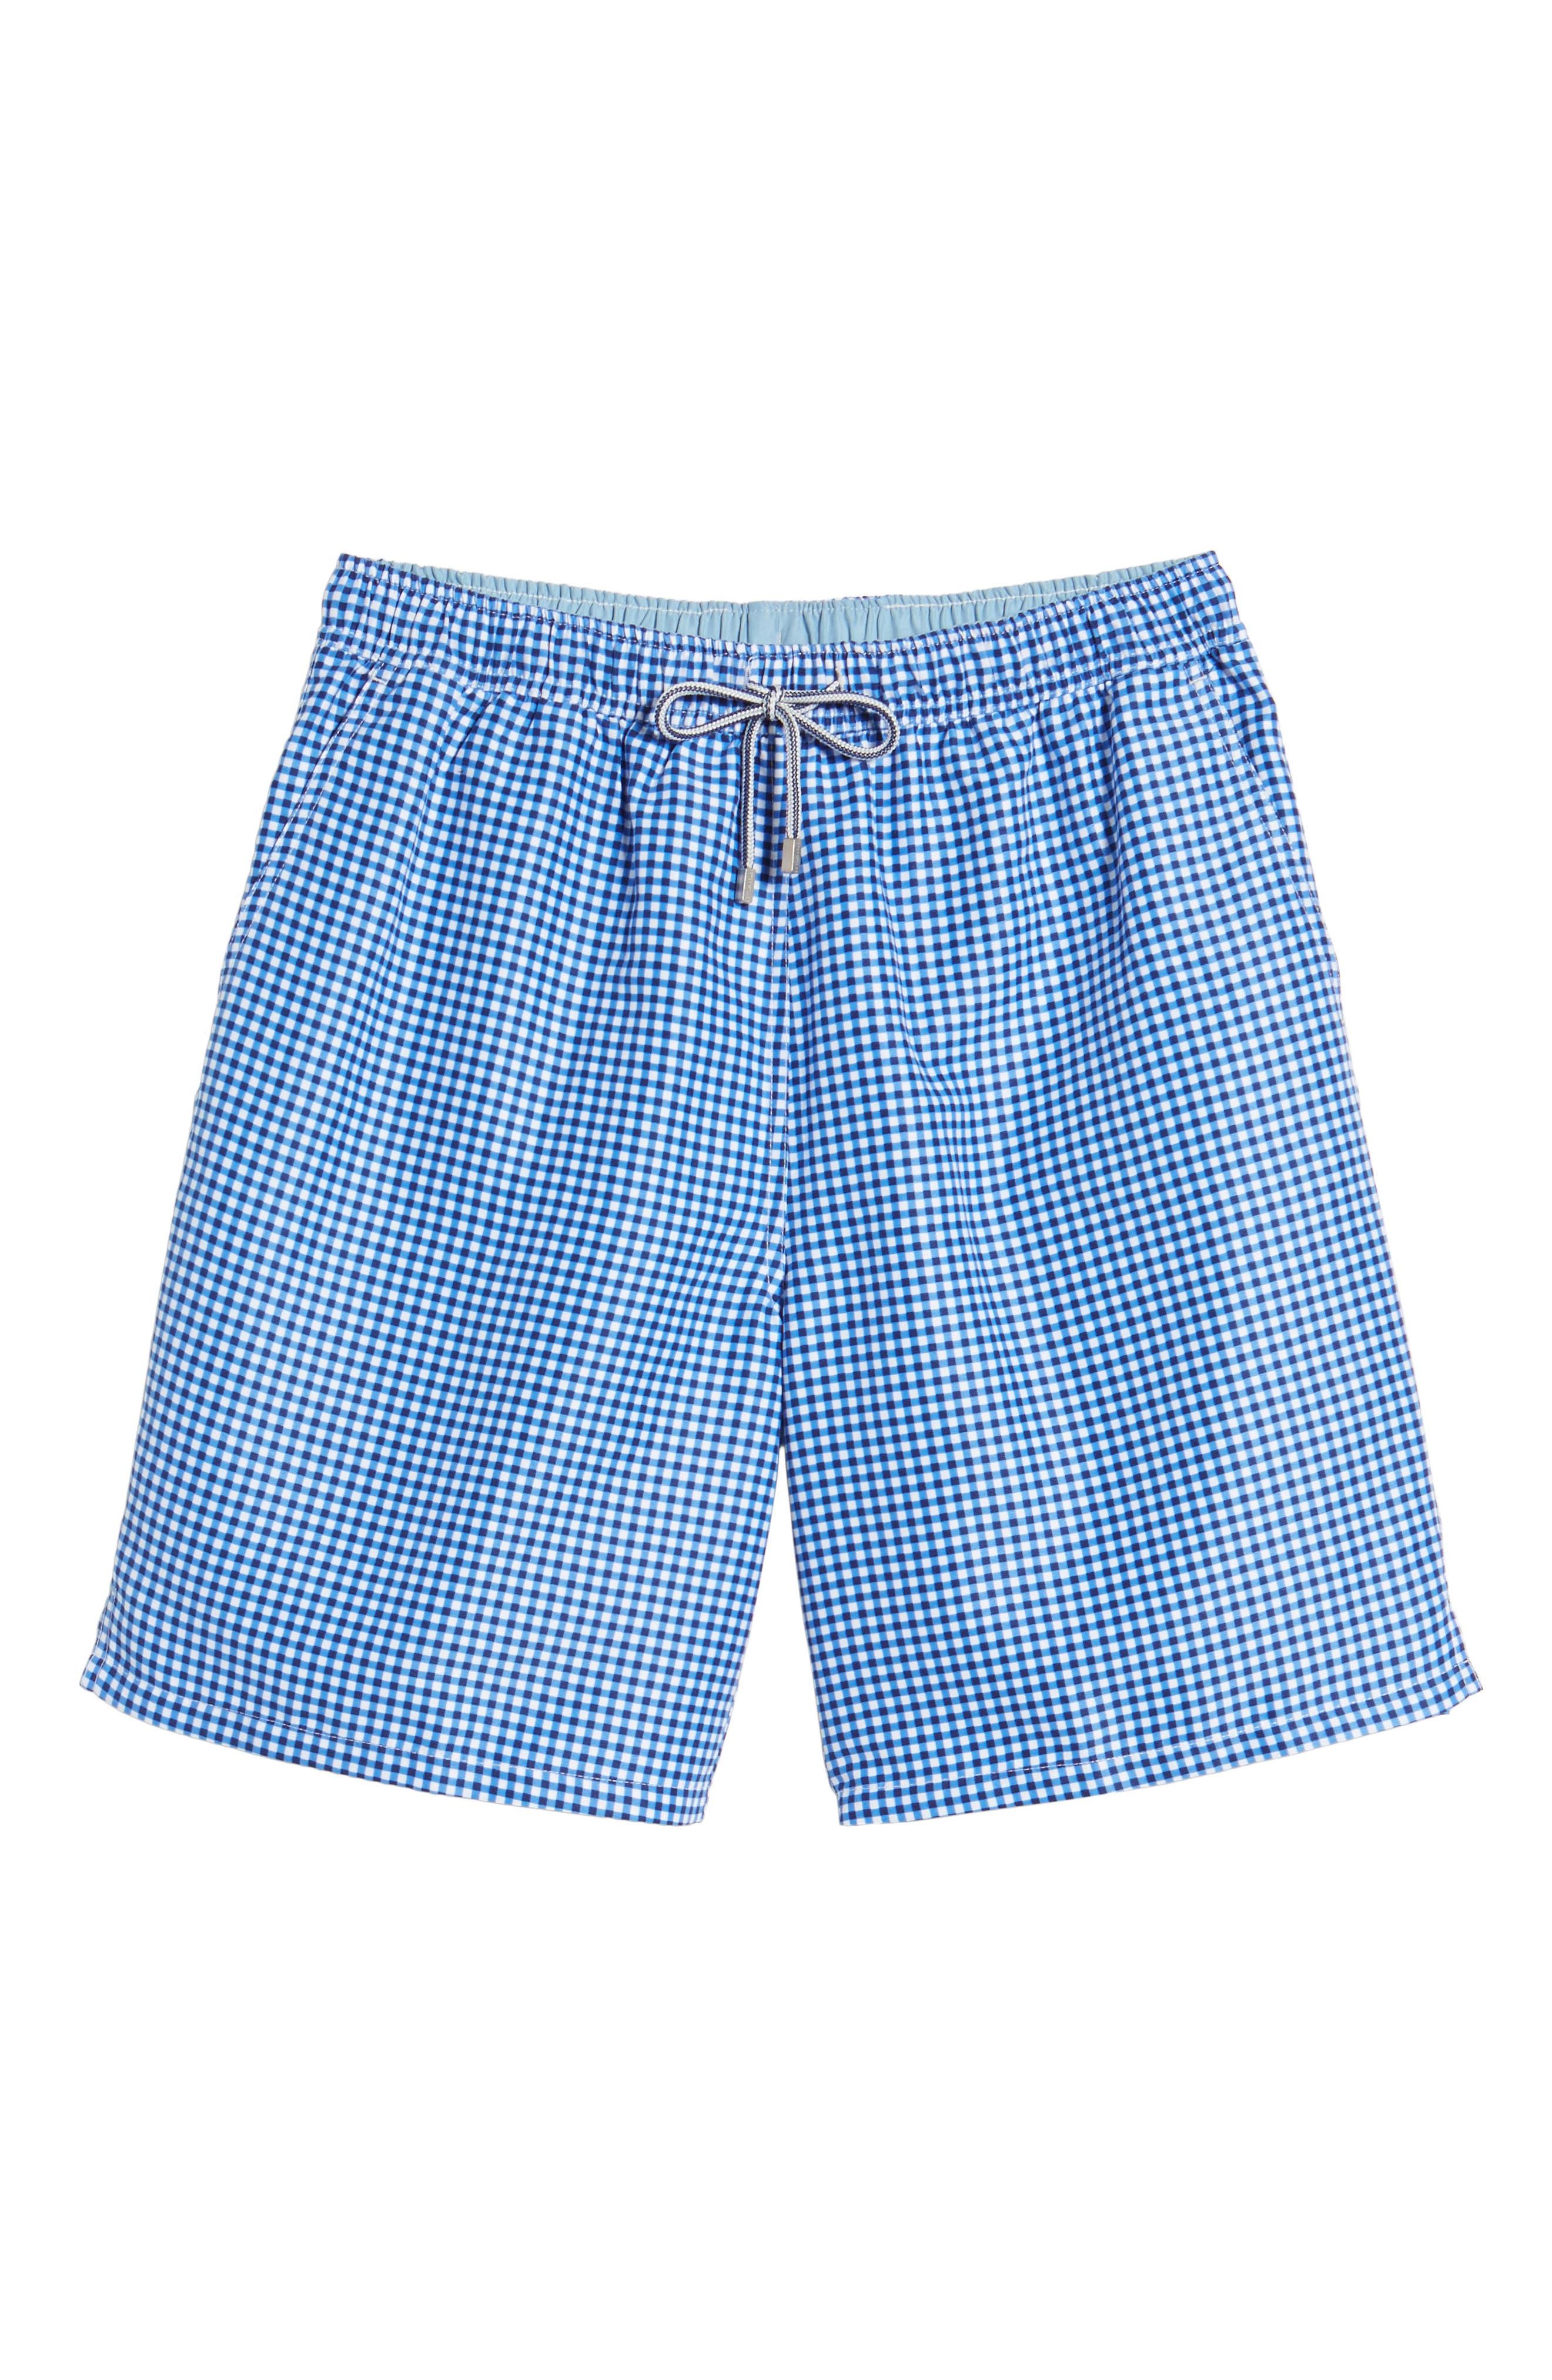 Gingham Style Swim Trunks,                             Alternate thumbnail 6, color,                             ATLANTIC BLUE